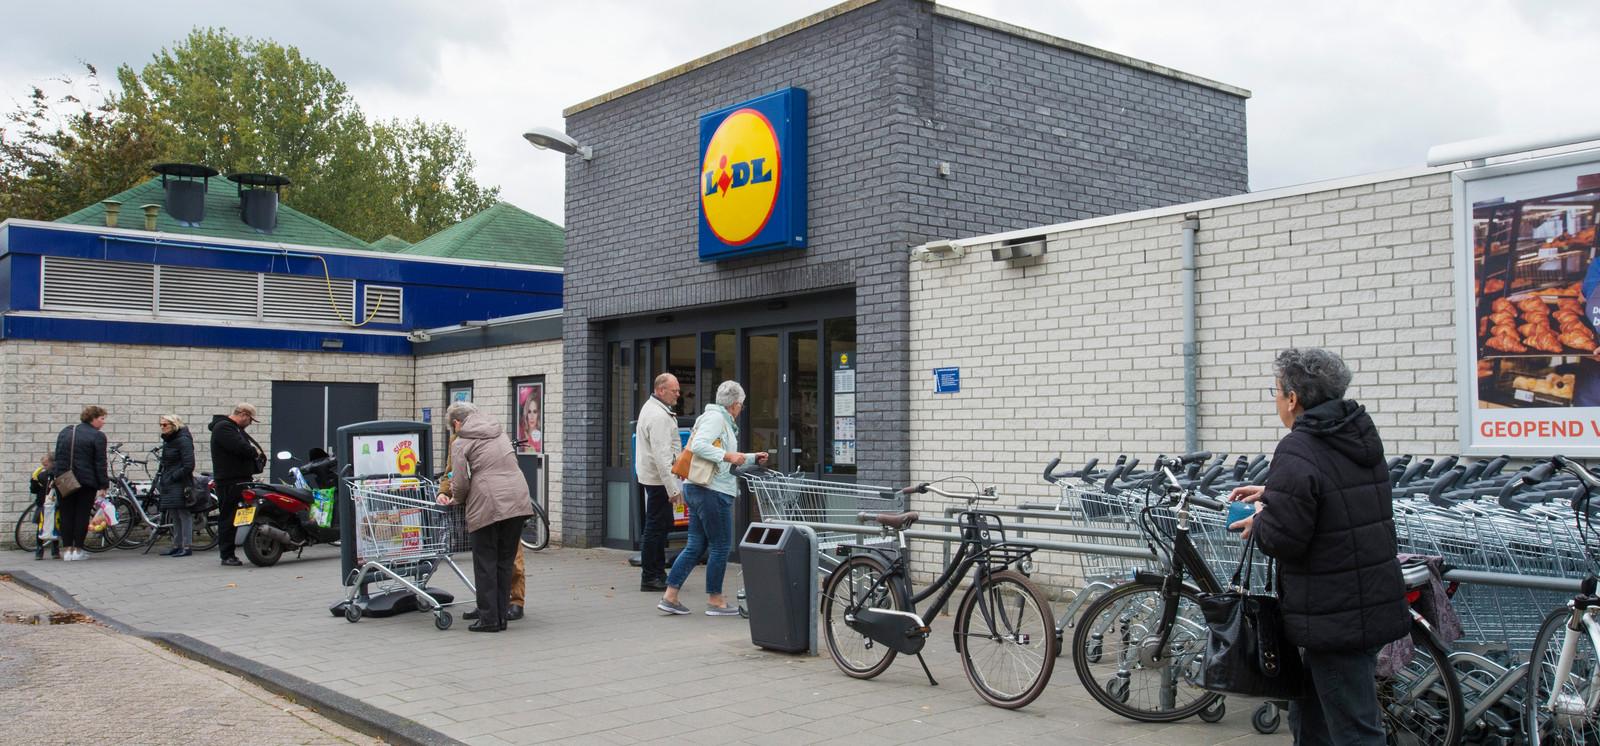 Lidl wil in Waalwijk uitbreiden van 820 naar 1.500 vierkante meter aan winkeloppervlak maar moet dan wel tijdelijk verhuizen.